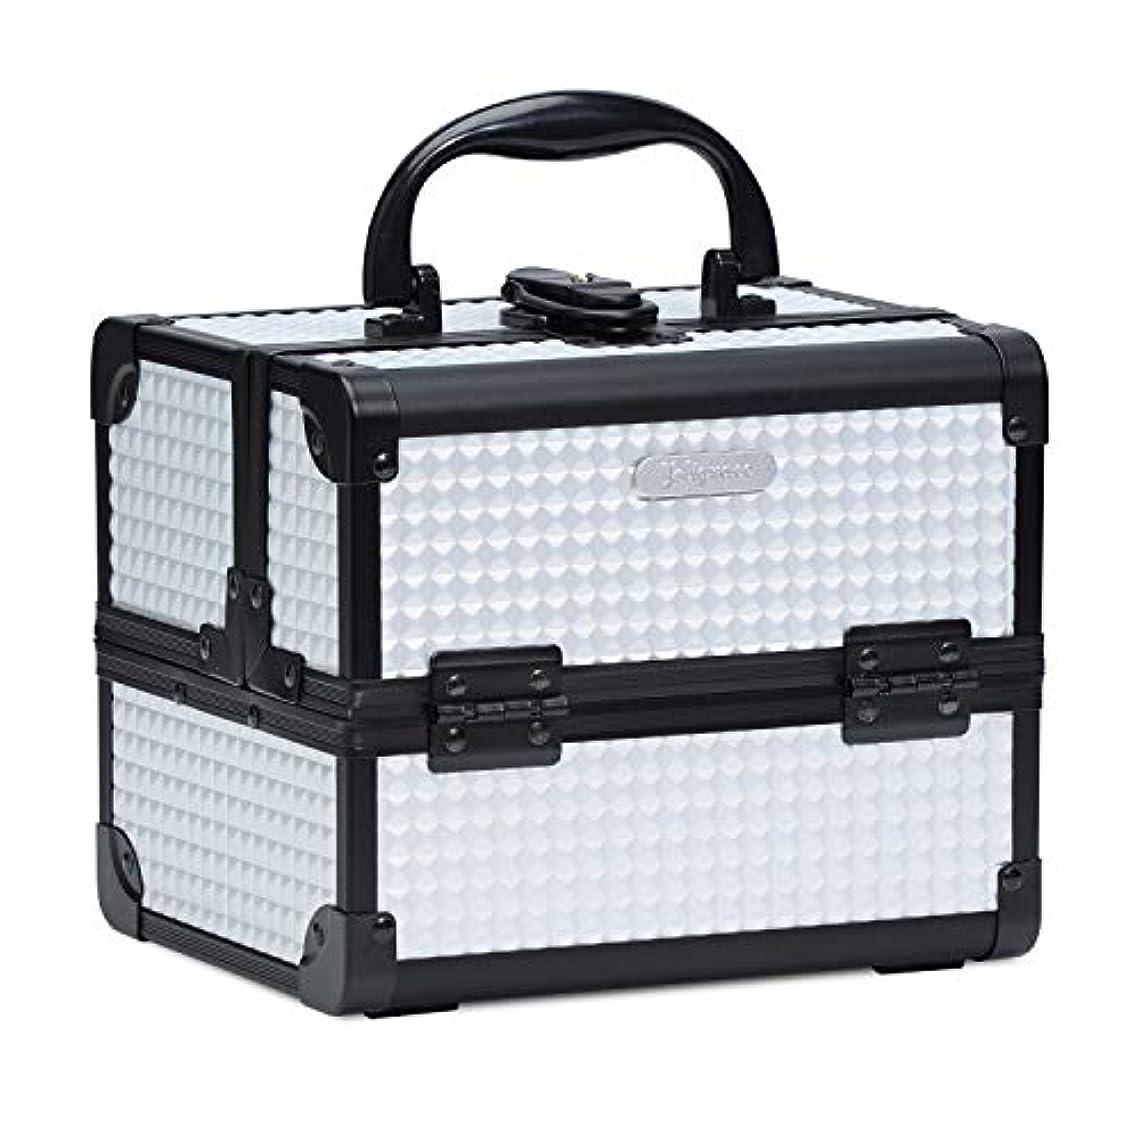 シガレット成人期残高Hapilife コスメボックス 鏡付き スライドトレイ メイク用品収納 プロ仕様 小型 化粧箱